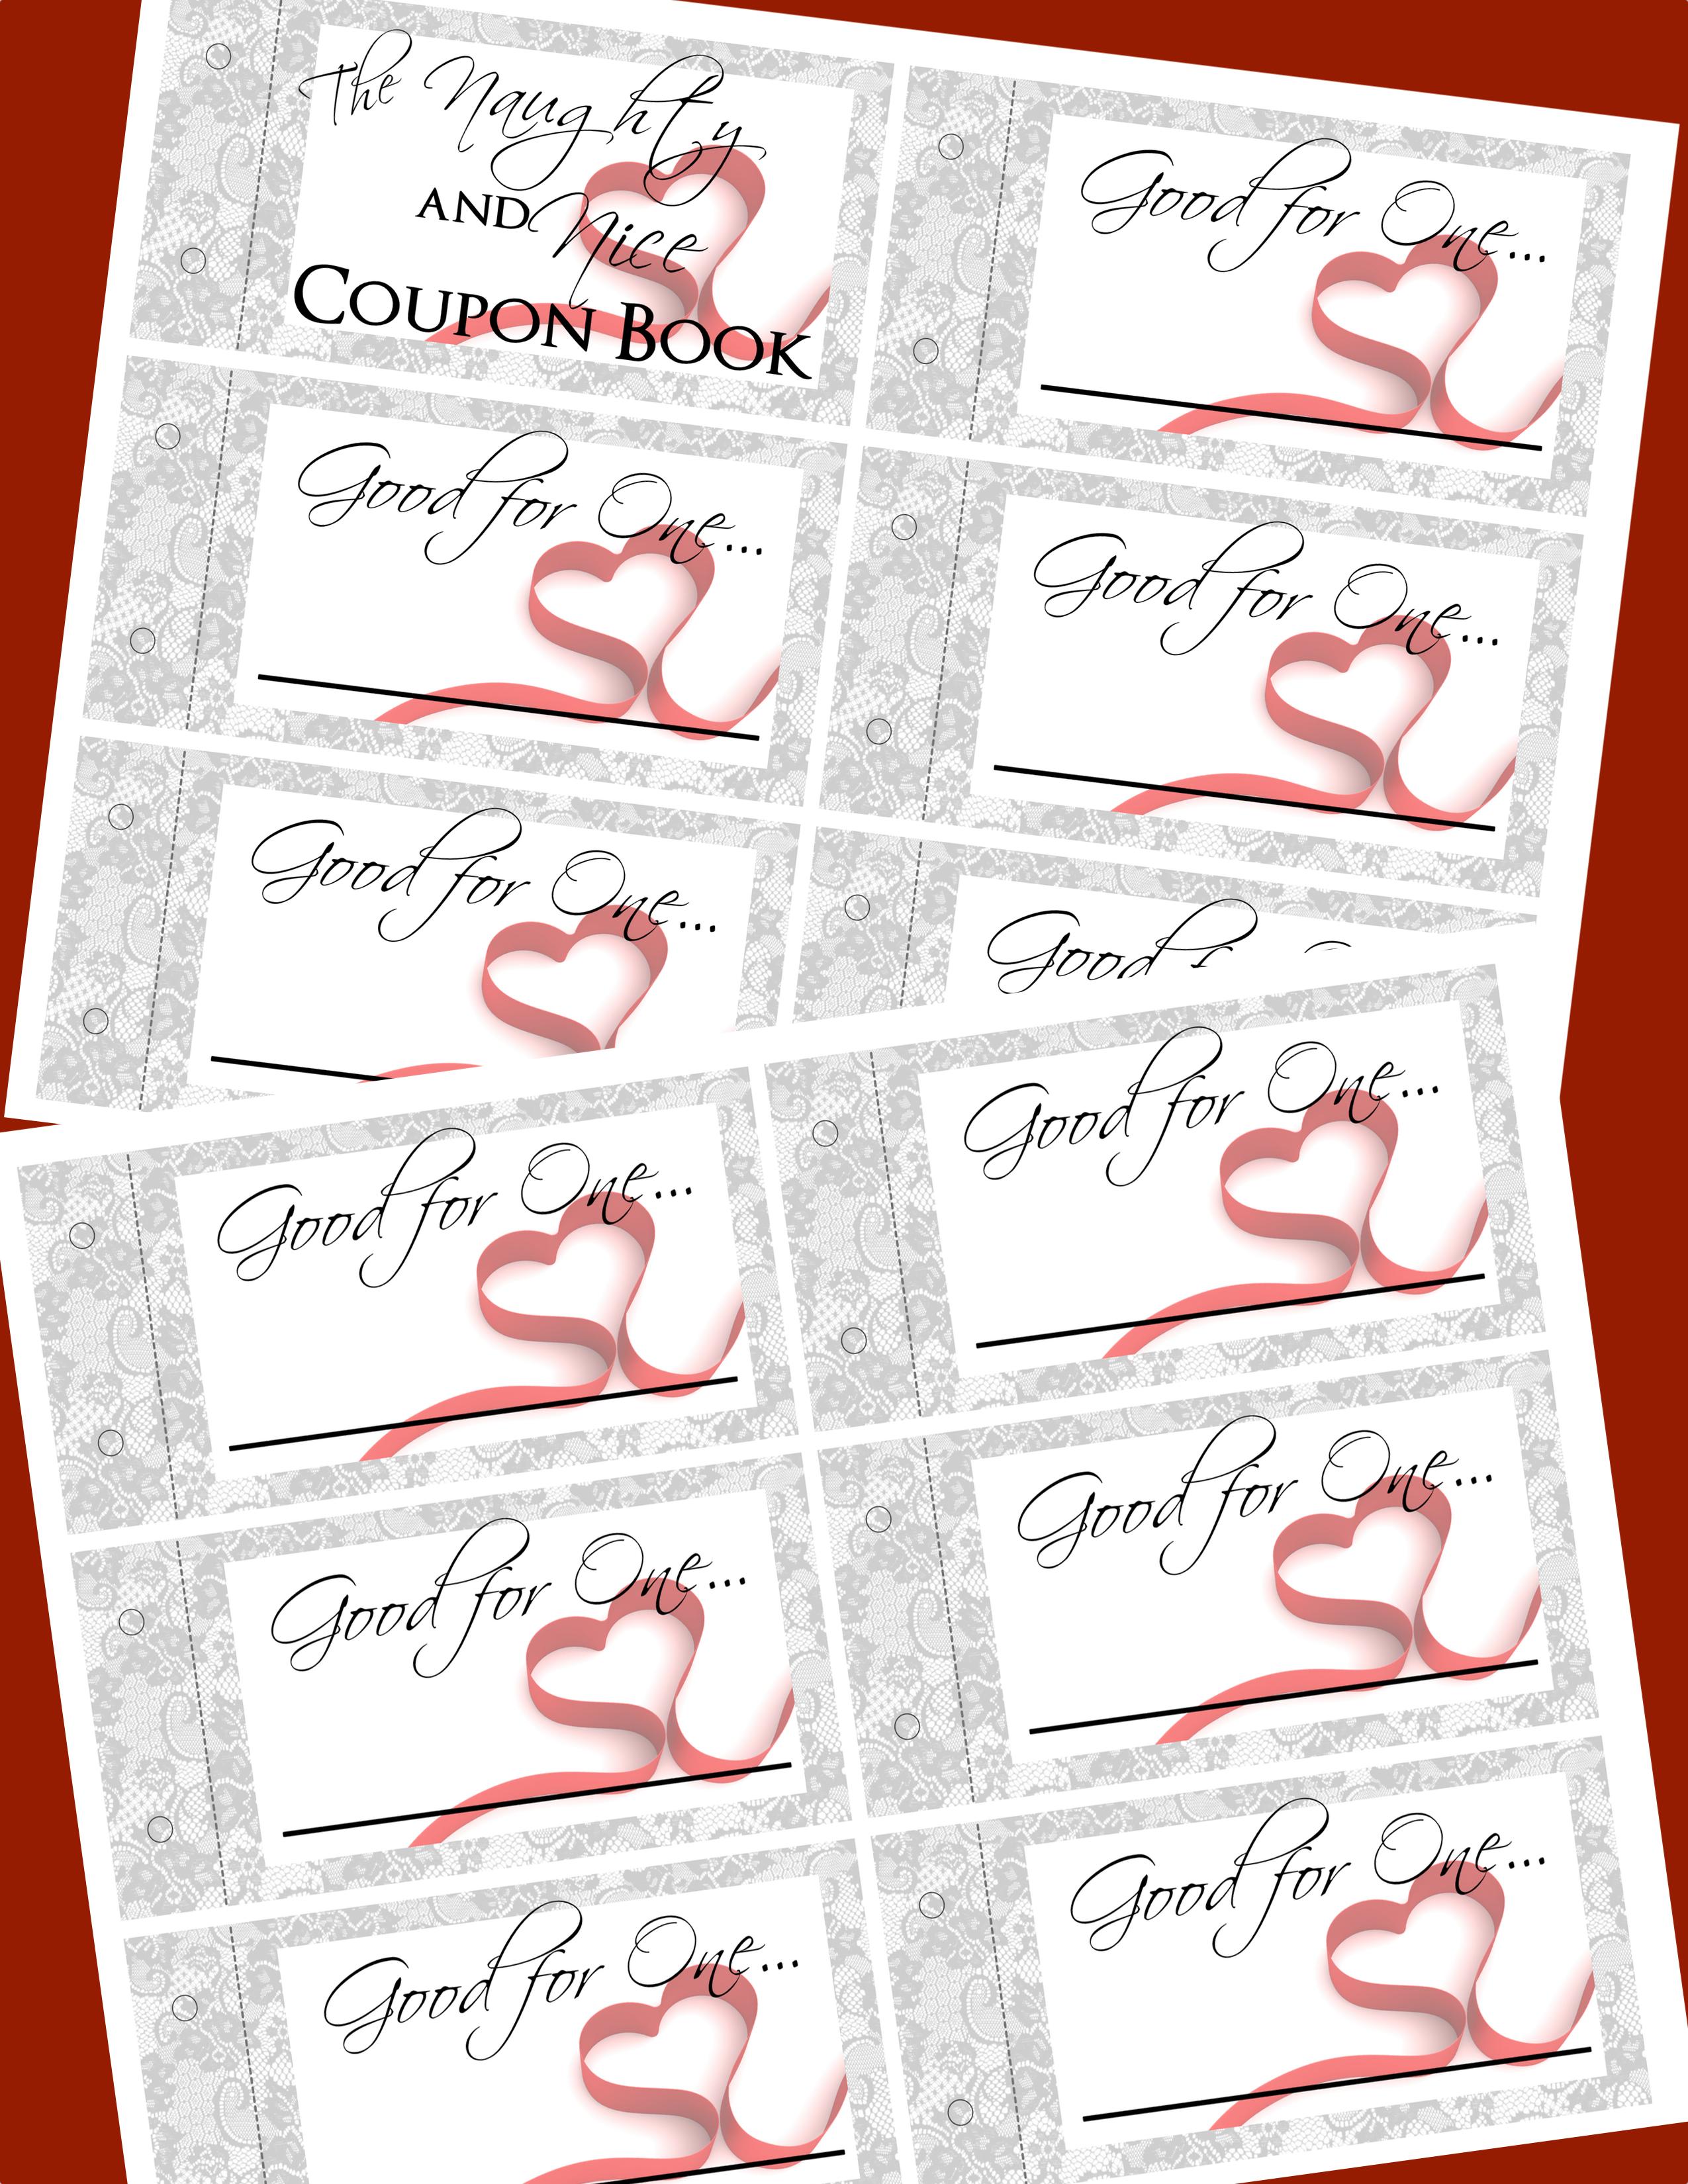 Free printable naughty coupons